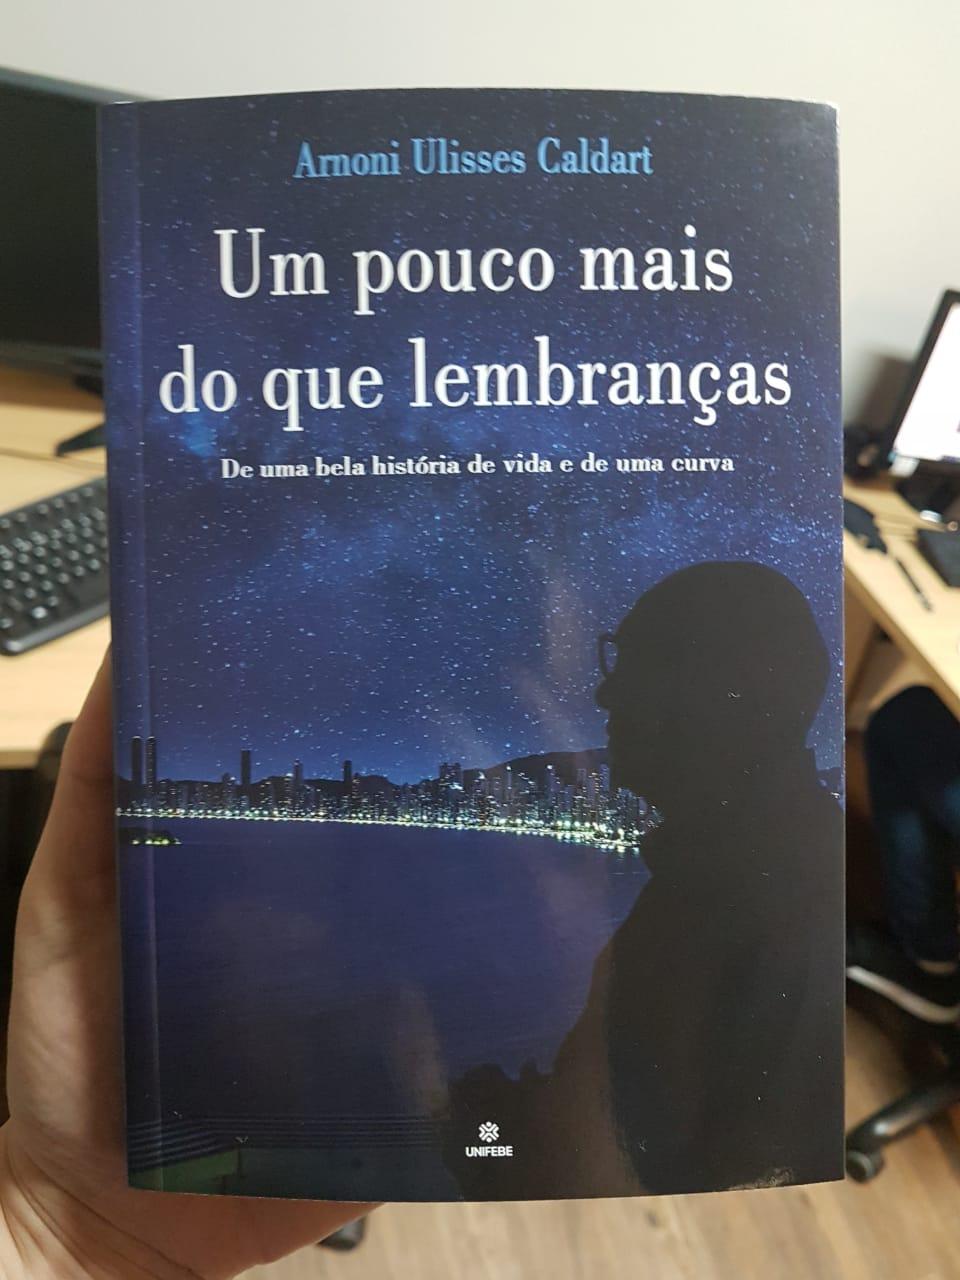 """Livro """"Um pouco mais que lembranças"""" do médico Arnoni"""